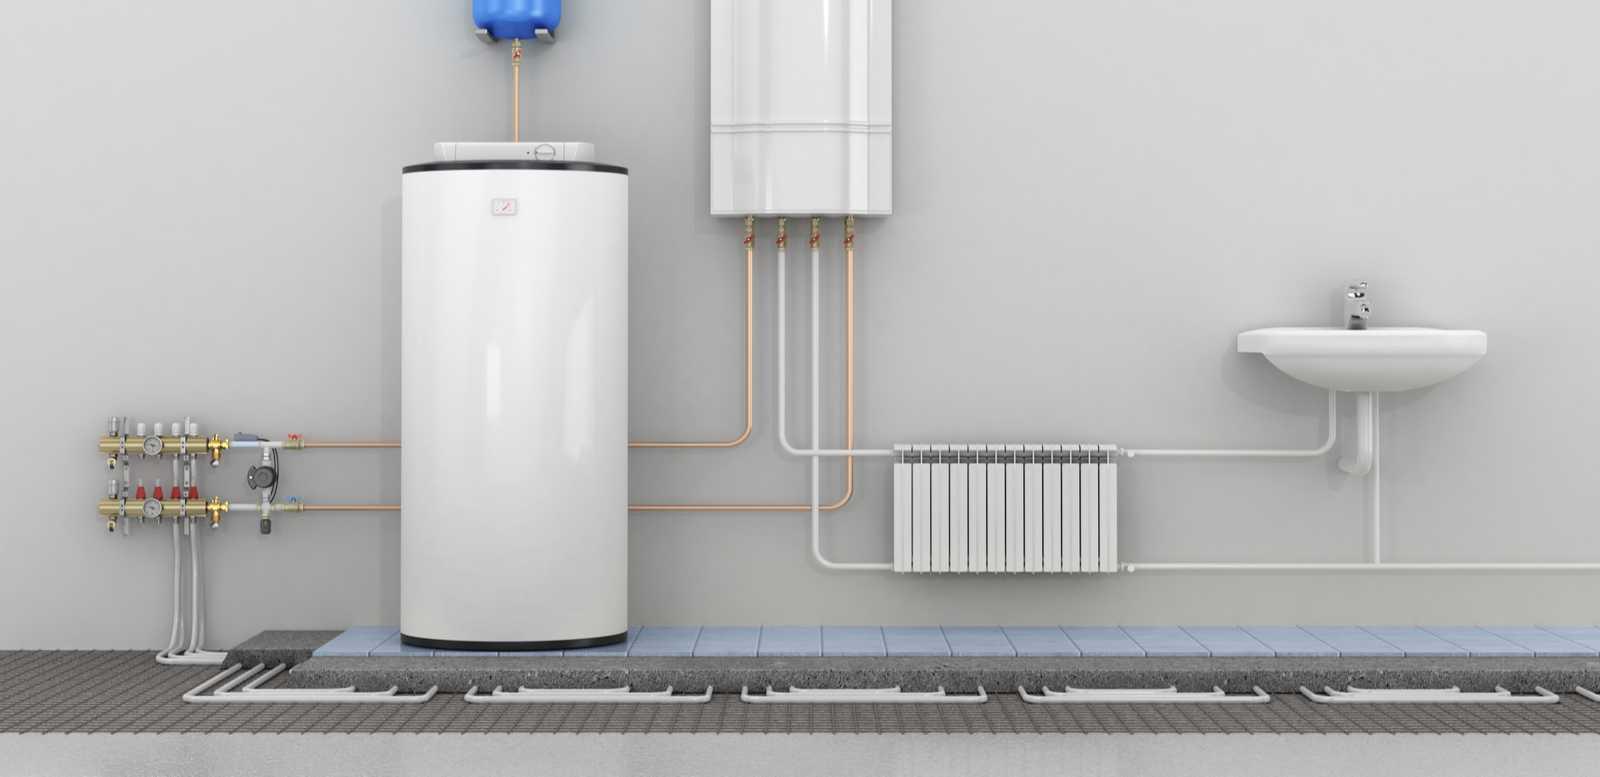 Installationéintérieure-des-appareils-de-chauffage-air-eau